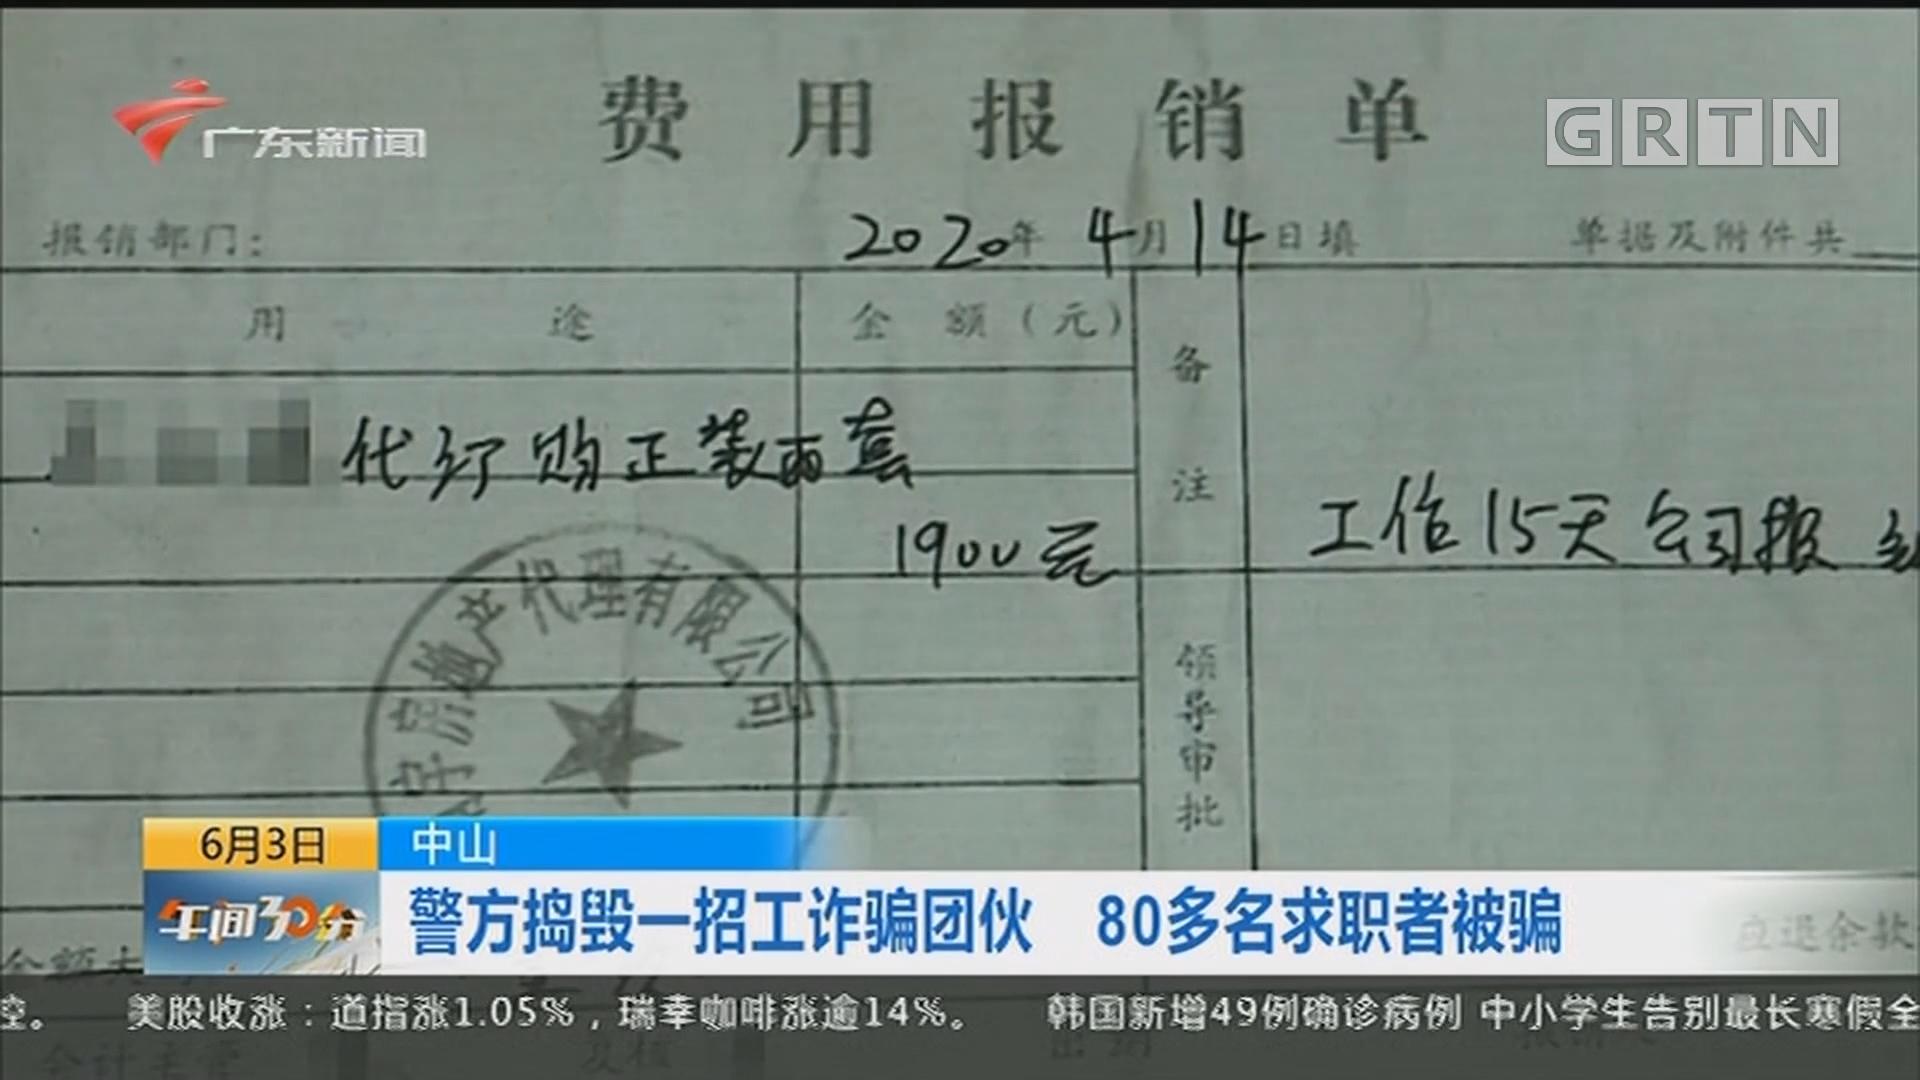 中山:警方捣毁一招工诈骗团伙 80多名求职者被骗